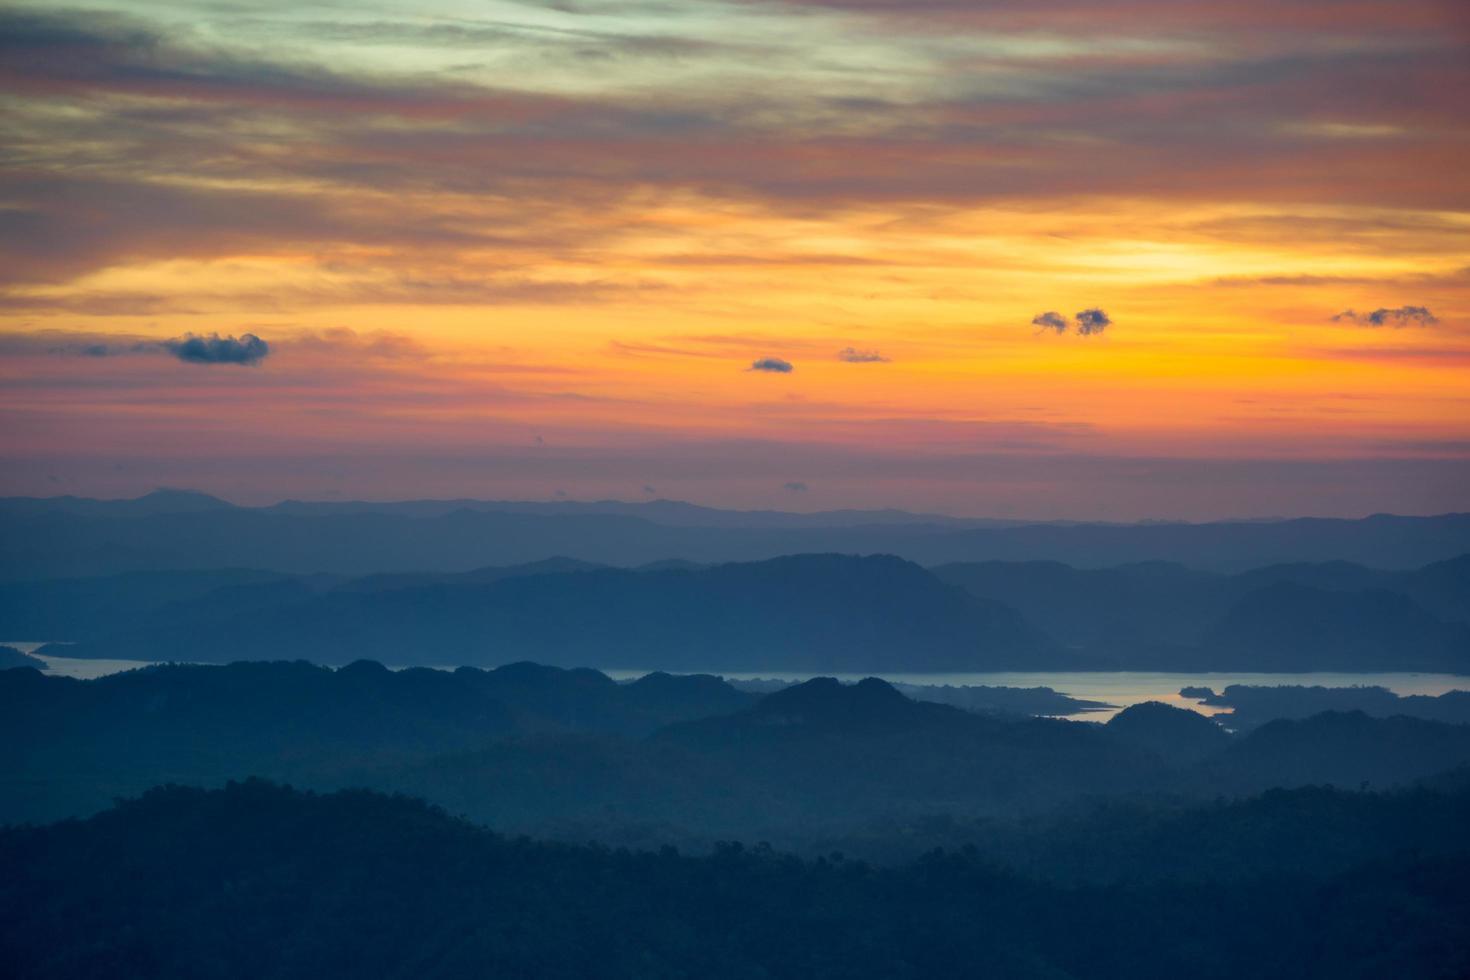 vue du matin sur les montagnes photo